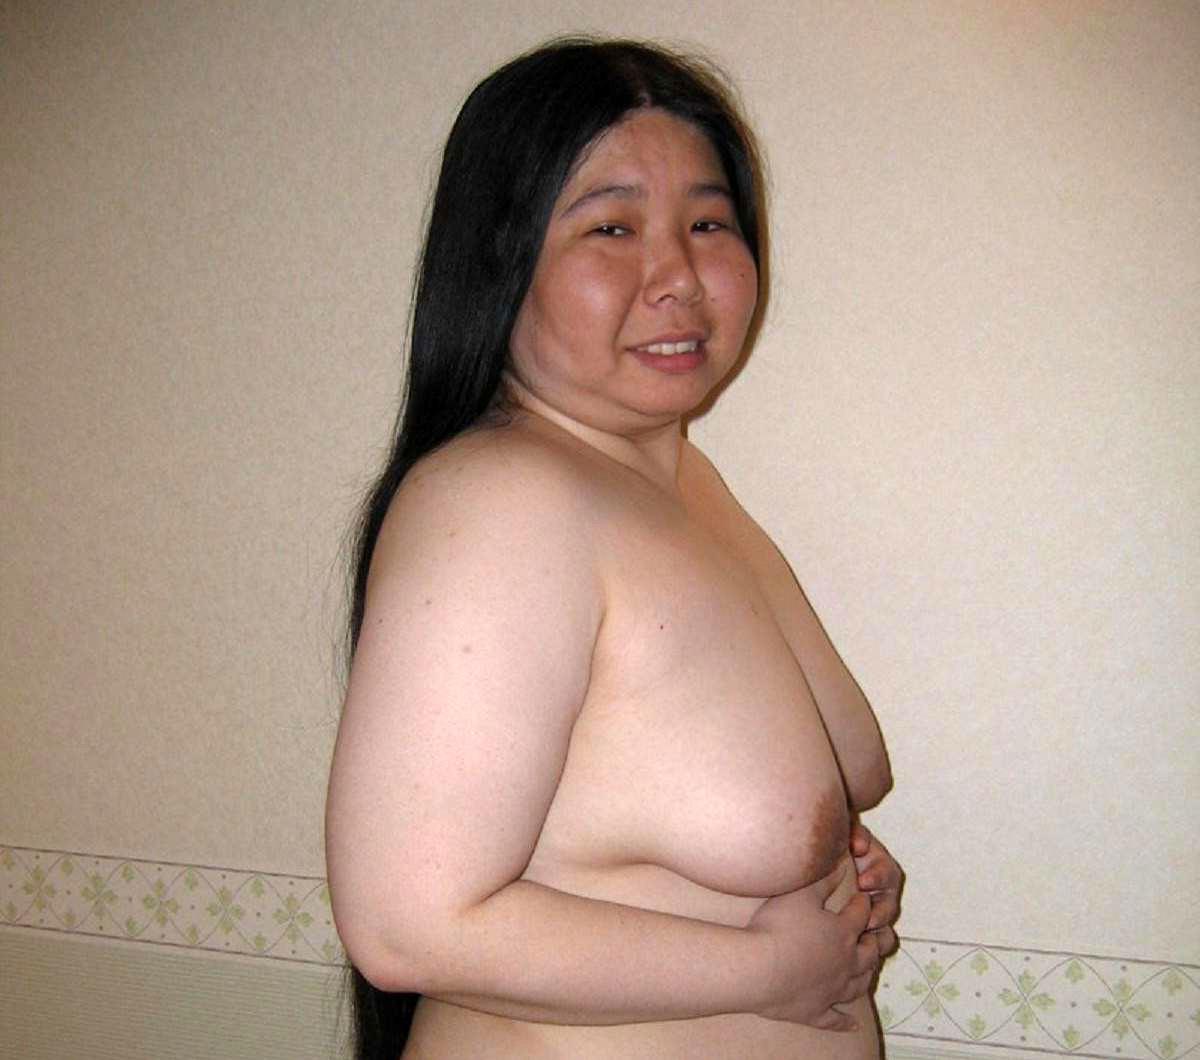 Hentai hot chick